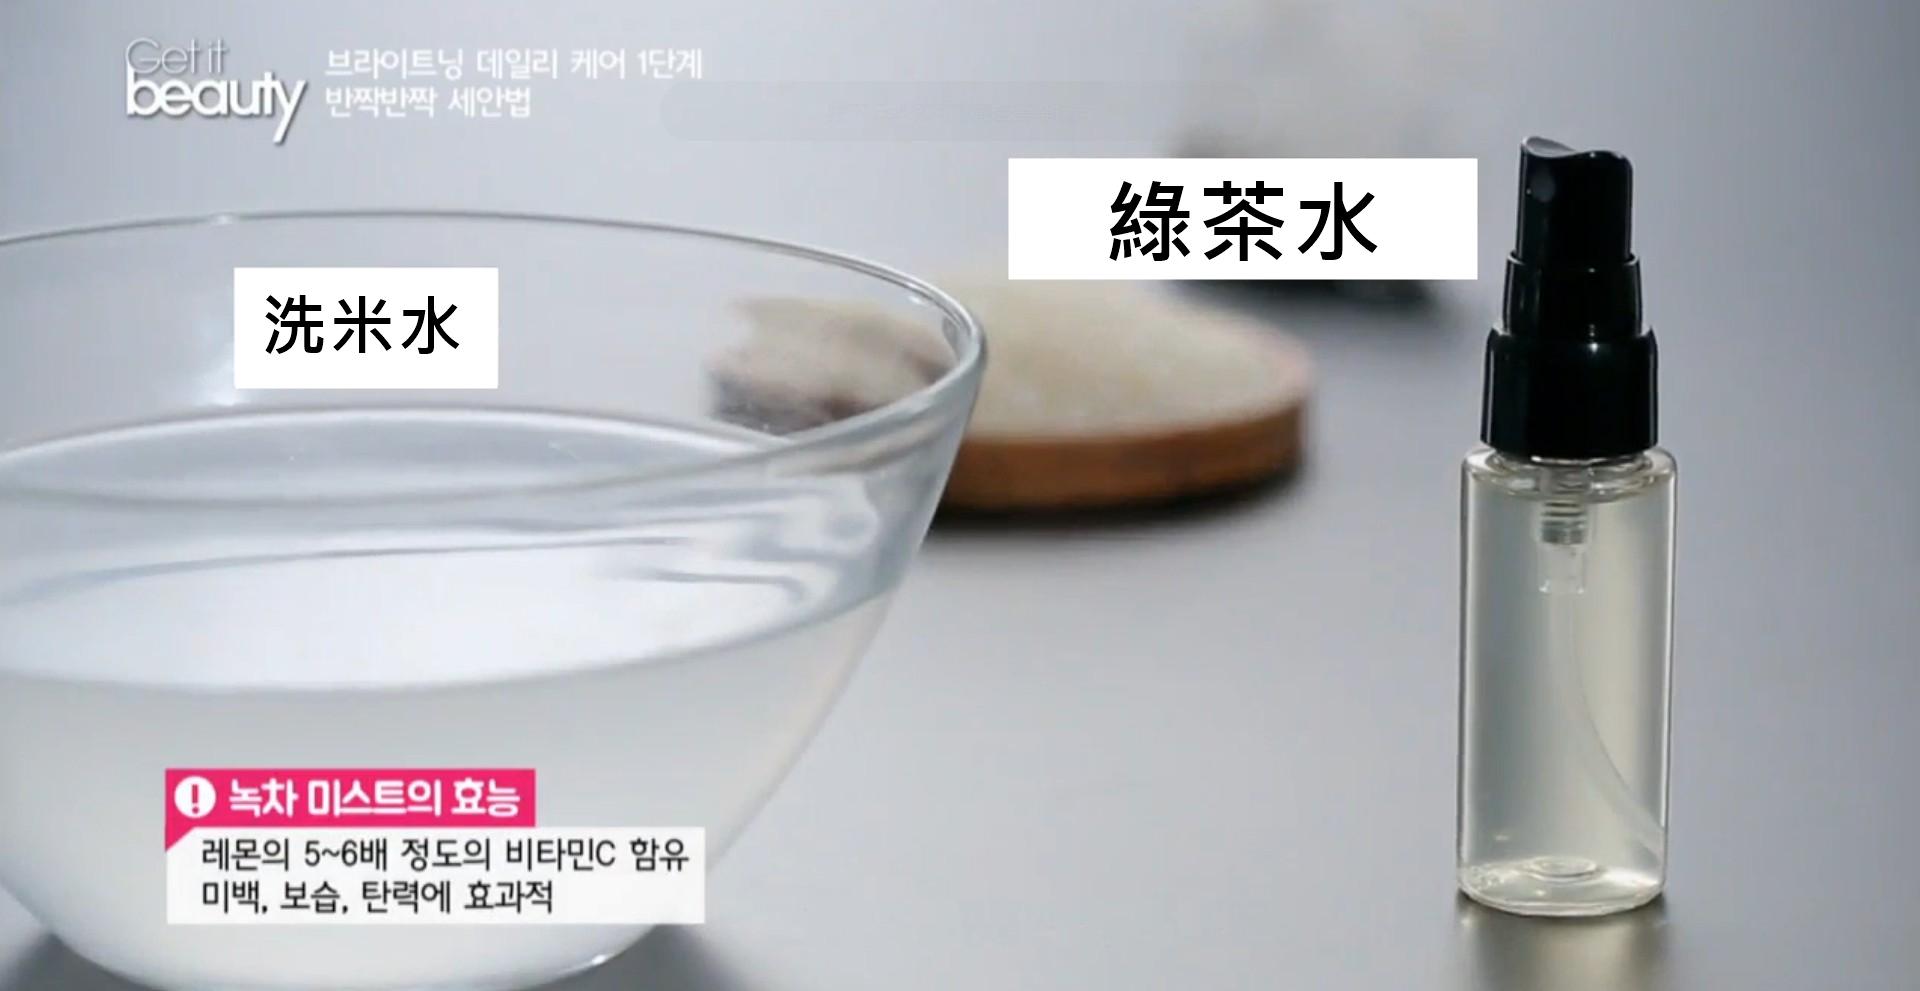 Step1 老師的小祕訣就是洗米後將水保存下來。一週2~3天,日常洗臉後,再用洗米水洗一次,洗米水可以提升臉部水分吸收力。